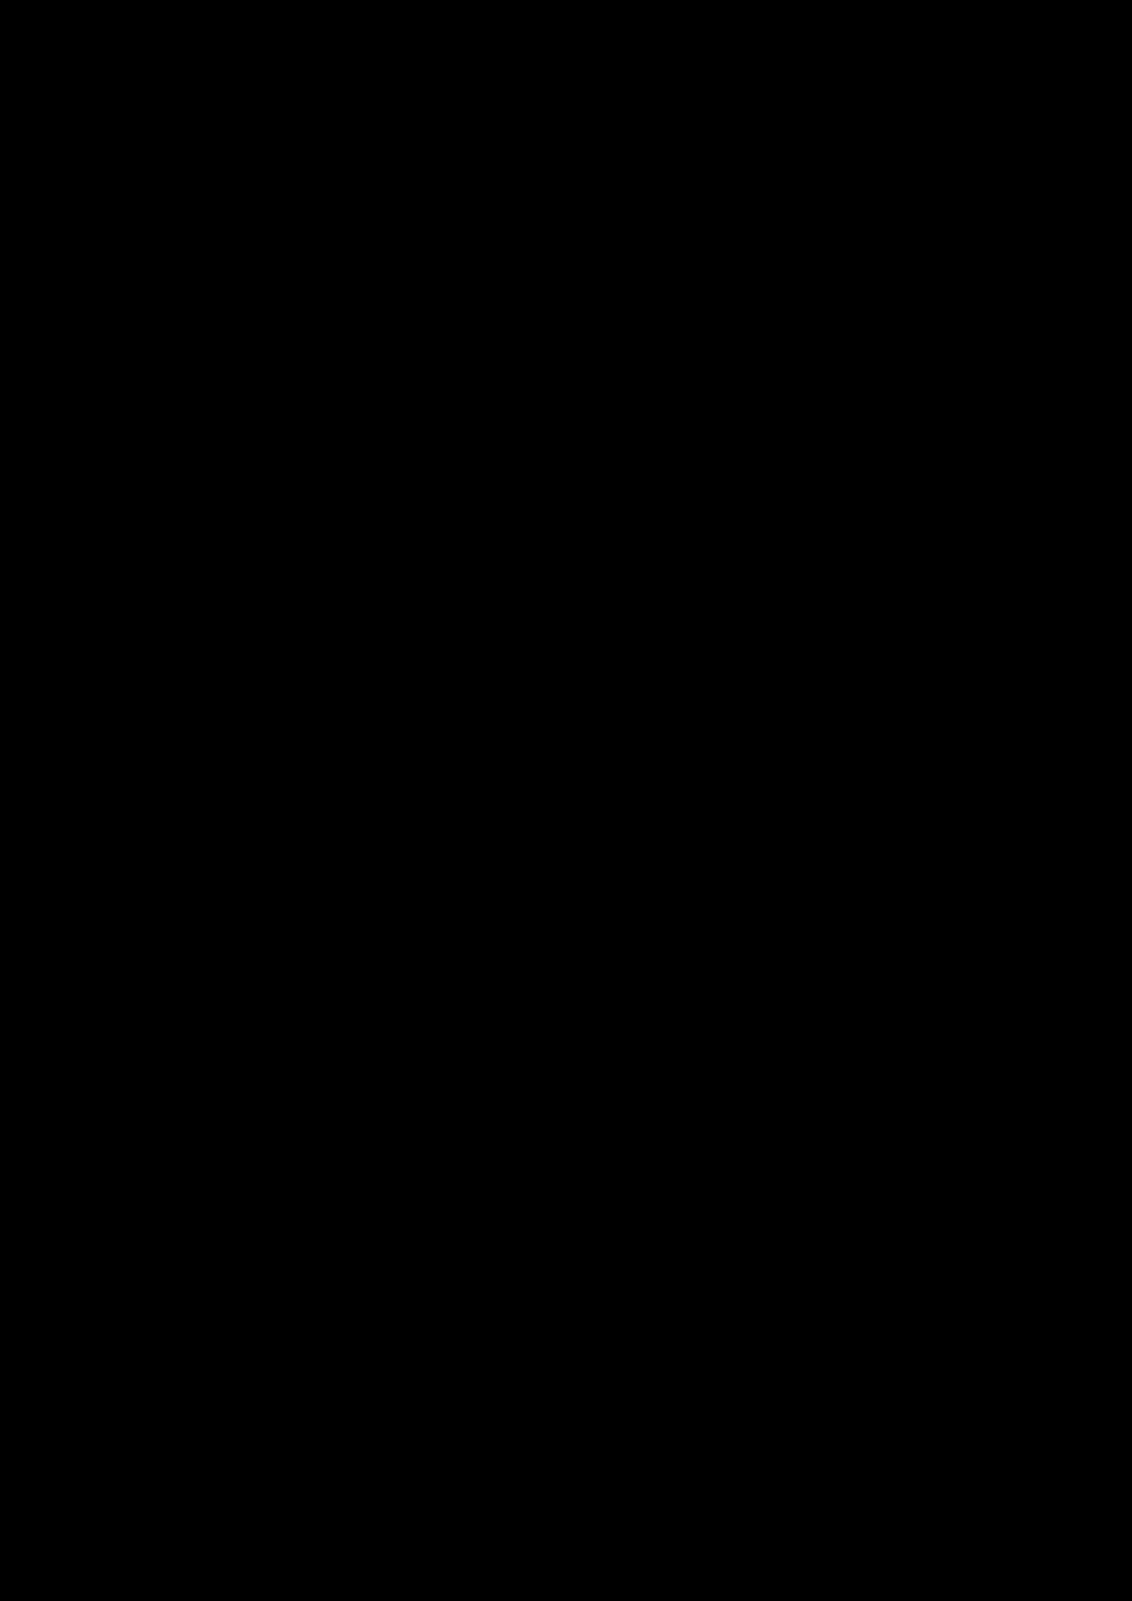 Serdtse slide, Image 58